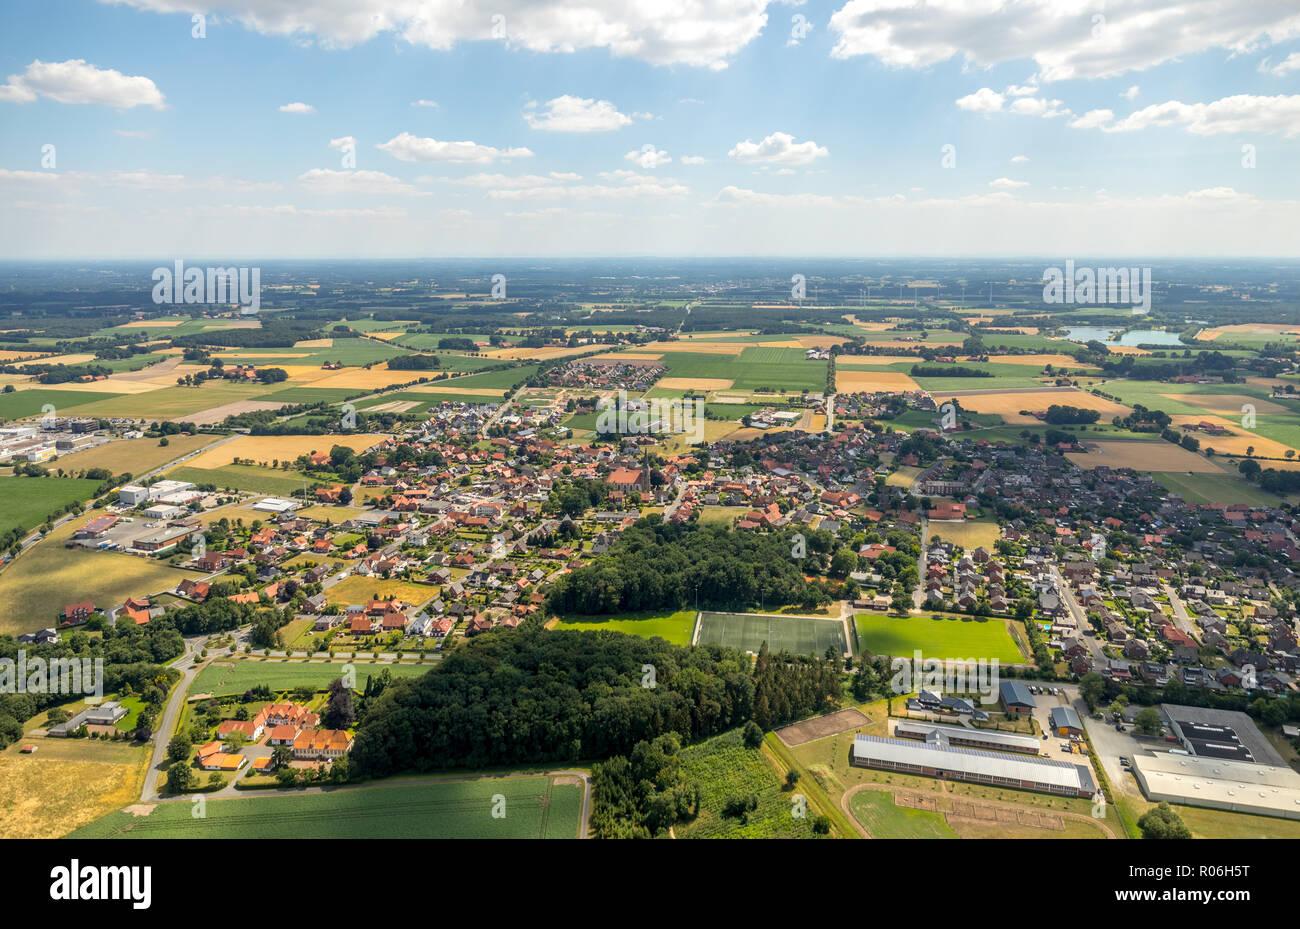 Aerial photo, overview Füchtorf, equestrian center Messerschmidt-Hahn, SC Früchtorf, sports ground, Milter Straße, Warendorf Sassenberg, Muenster, Nor - Stock Image